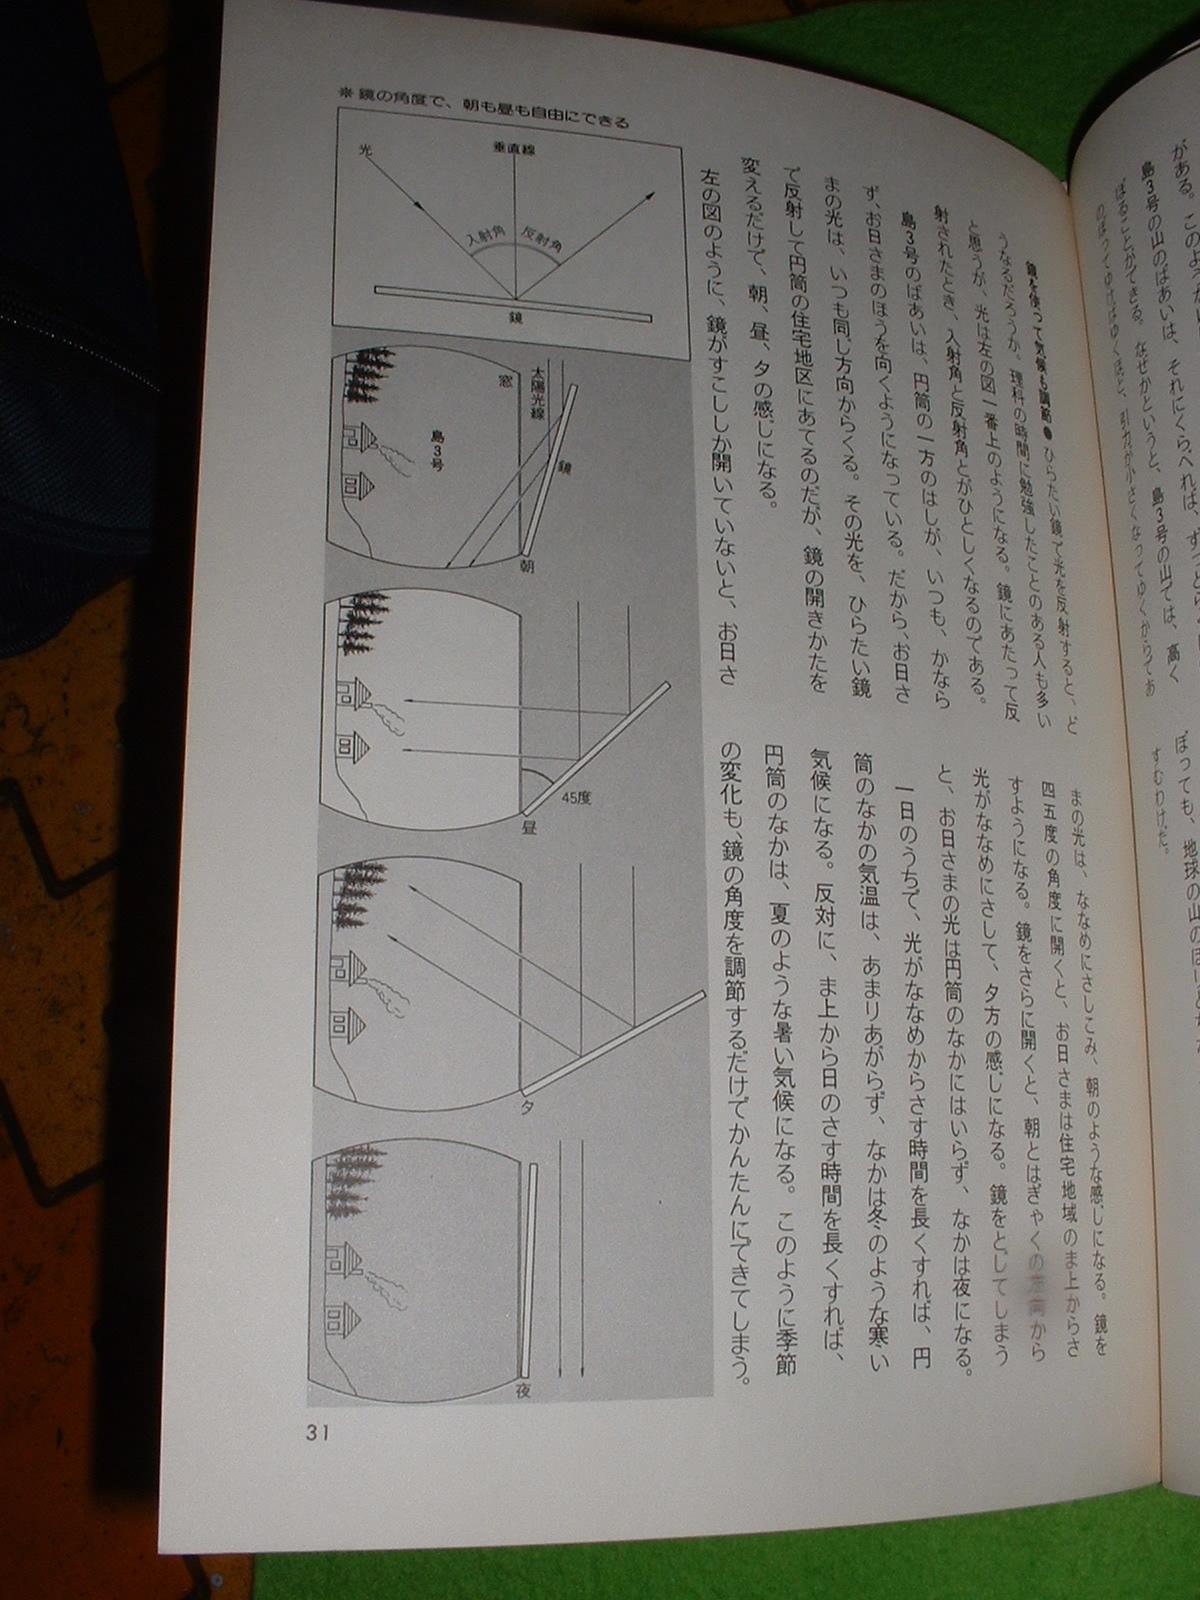 木村繁 著「宇宙島への旅」 より1 Doburoku-TAO.JPG